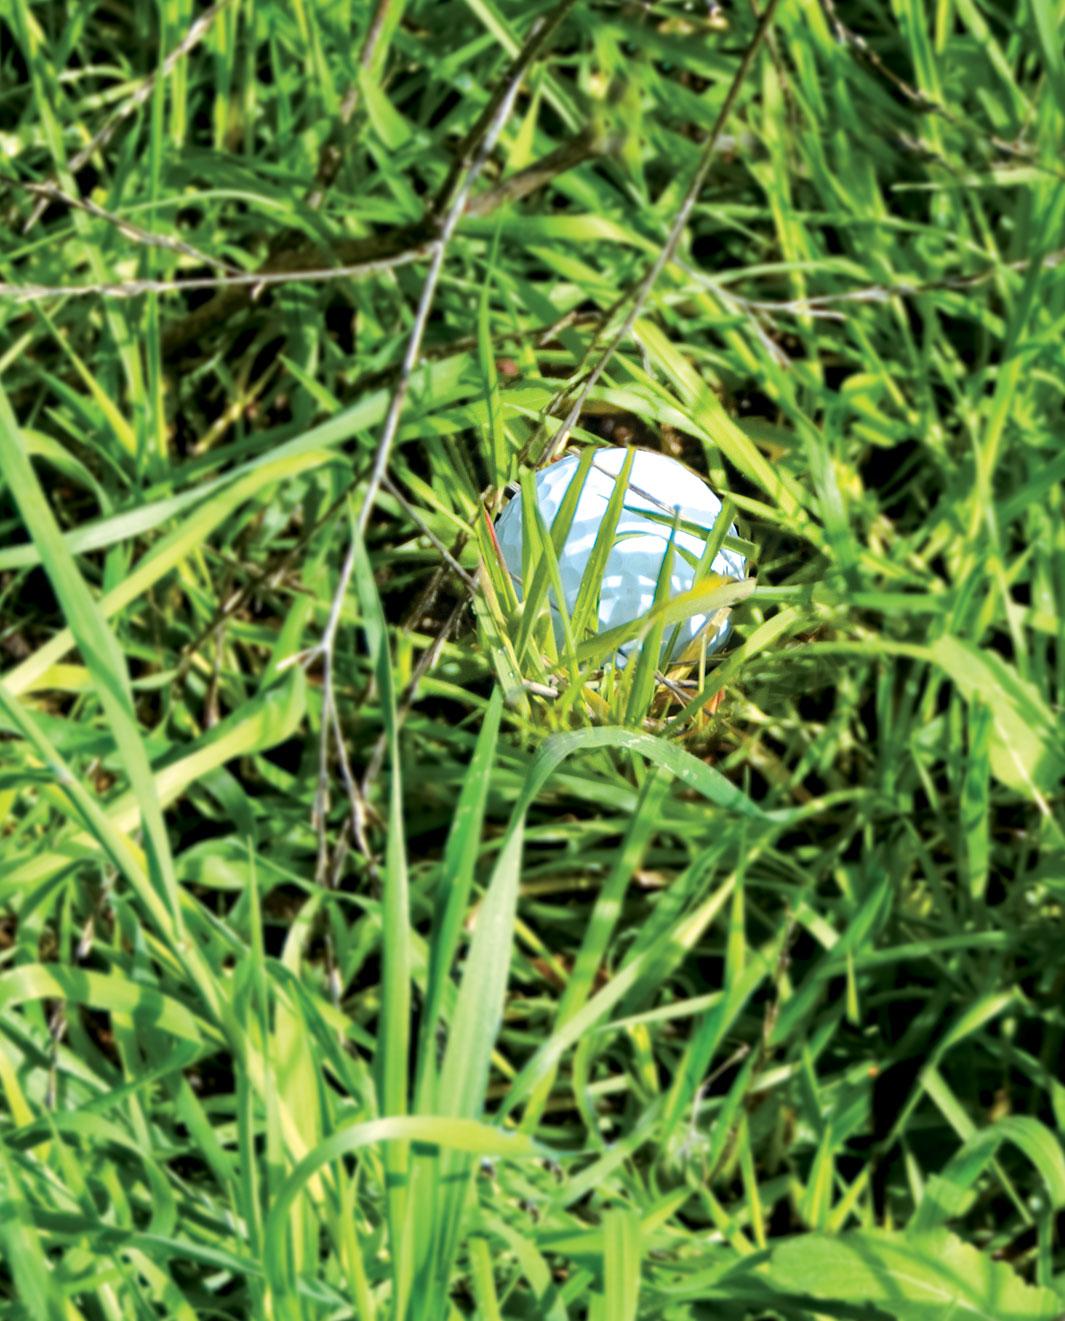 ball in tall grass